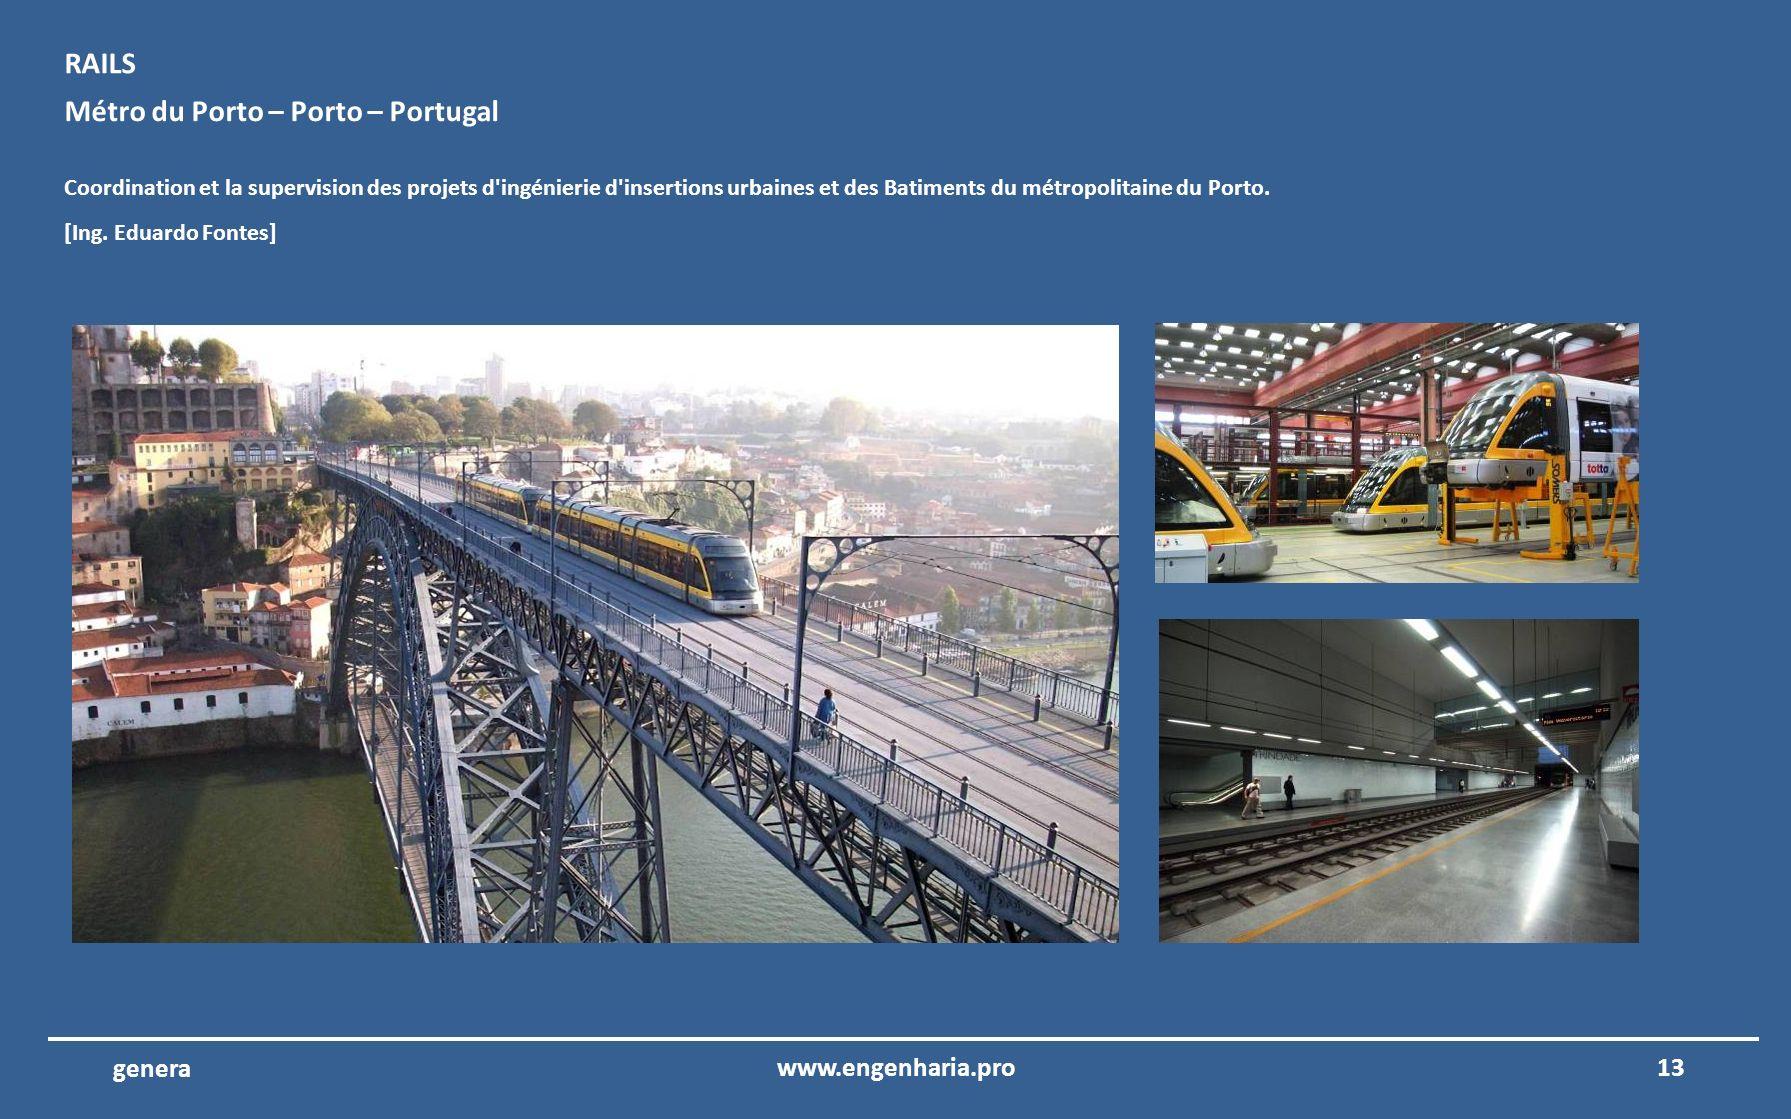 12www.engenharia.pro genera Metro du Porto – Porto – Portugal Coordination et la supervision des projets d'ingénierie d'Batiments des opérations et du